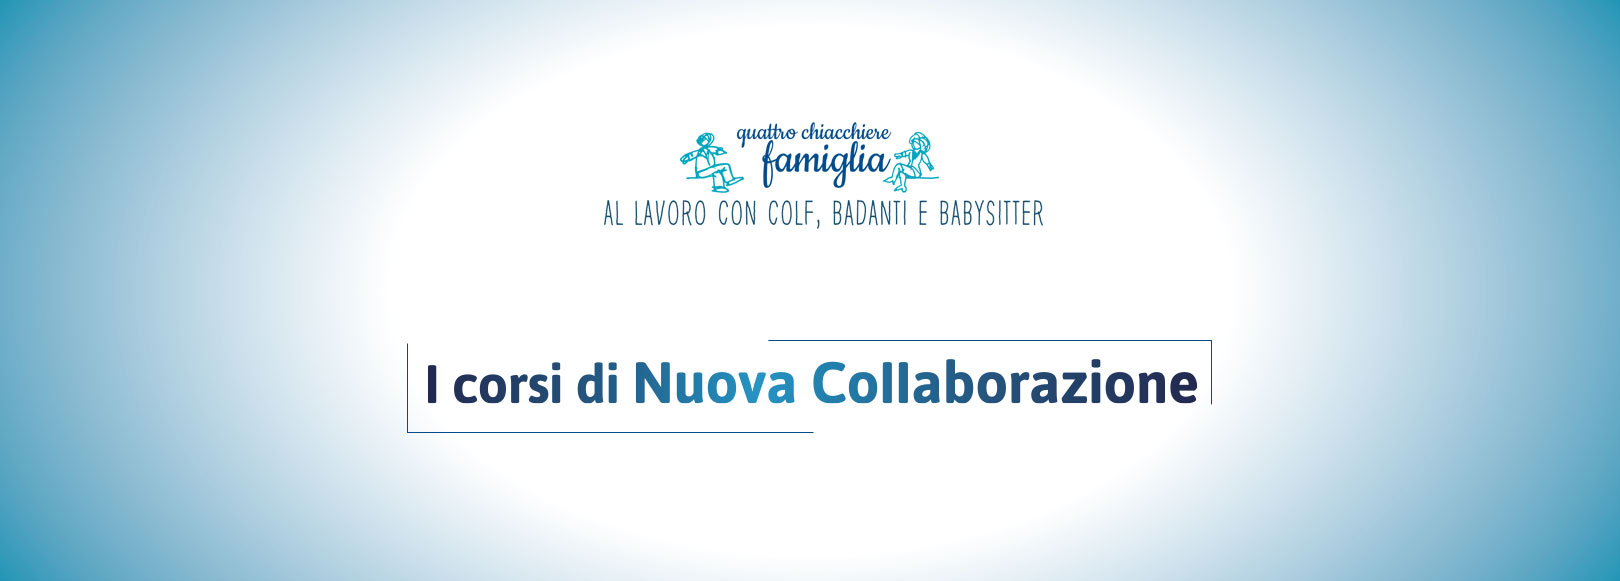 Corsi di formazione Nuova Collaborazione